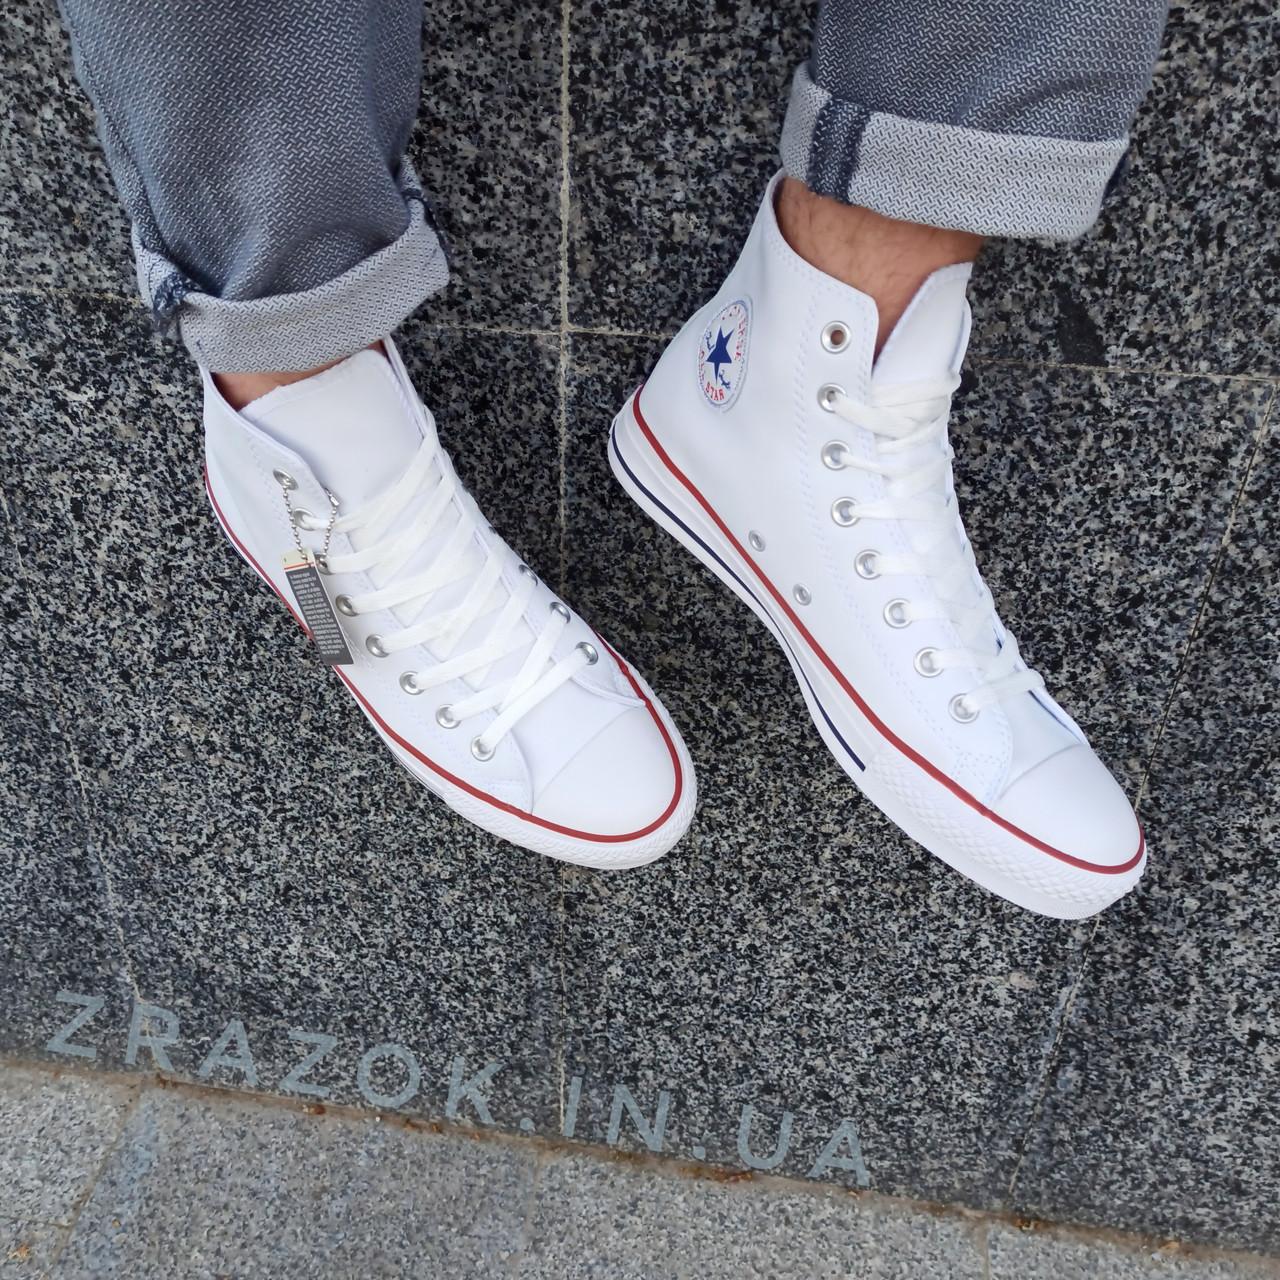 Мужские высокие кеды конверсы all star converse эко - кожаные белые деми демисезон